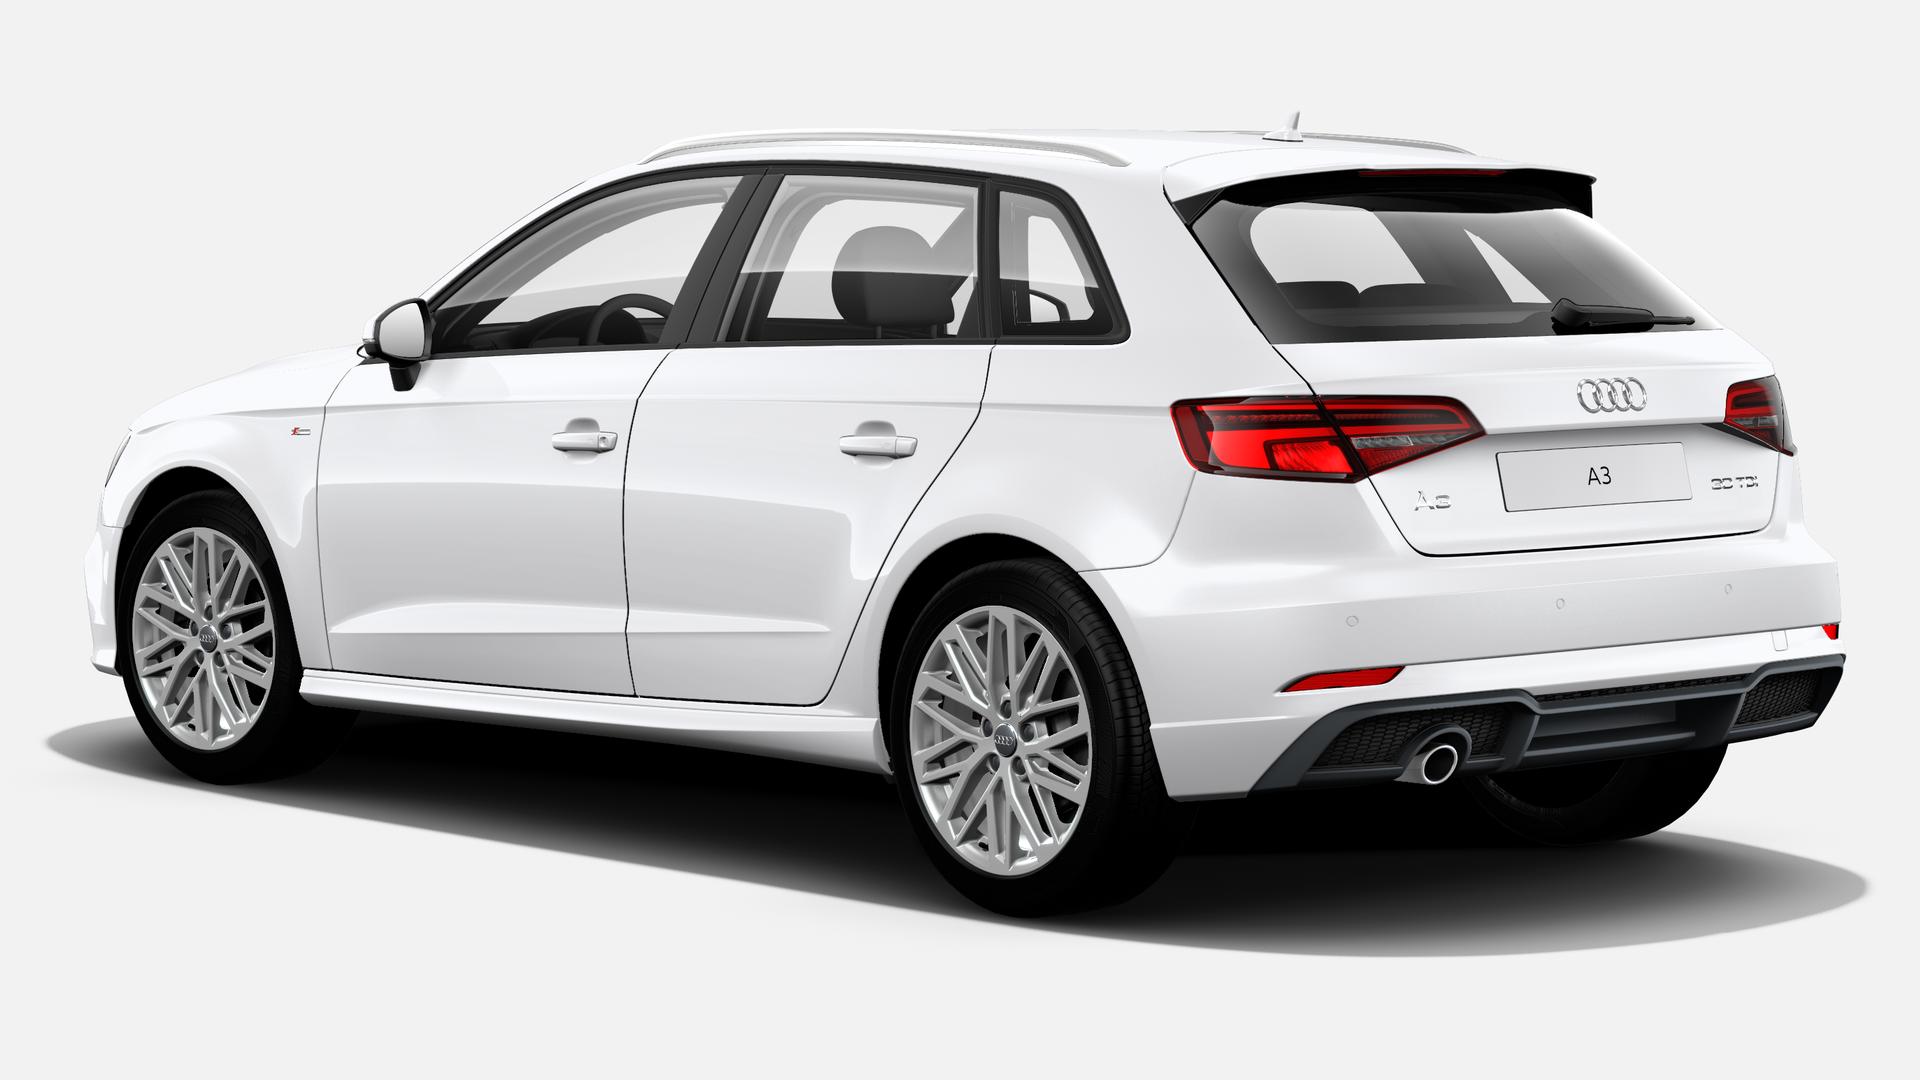 Vista Tres cuartos trasera izquierda de Audi A3 Sportback 30 TDI S line 85 kW (116 CV)